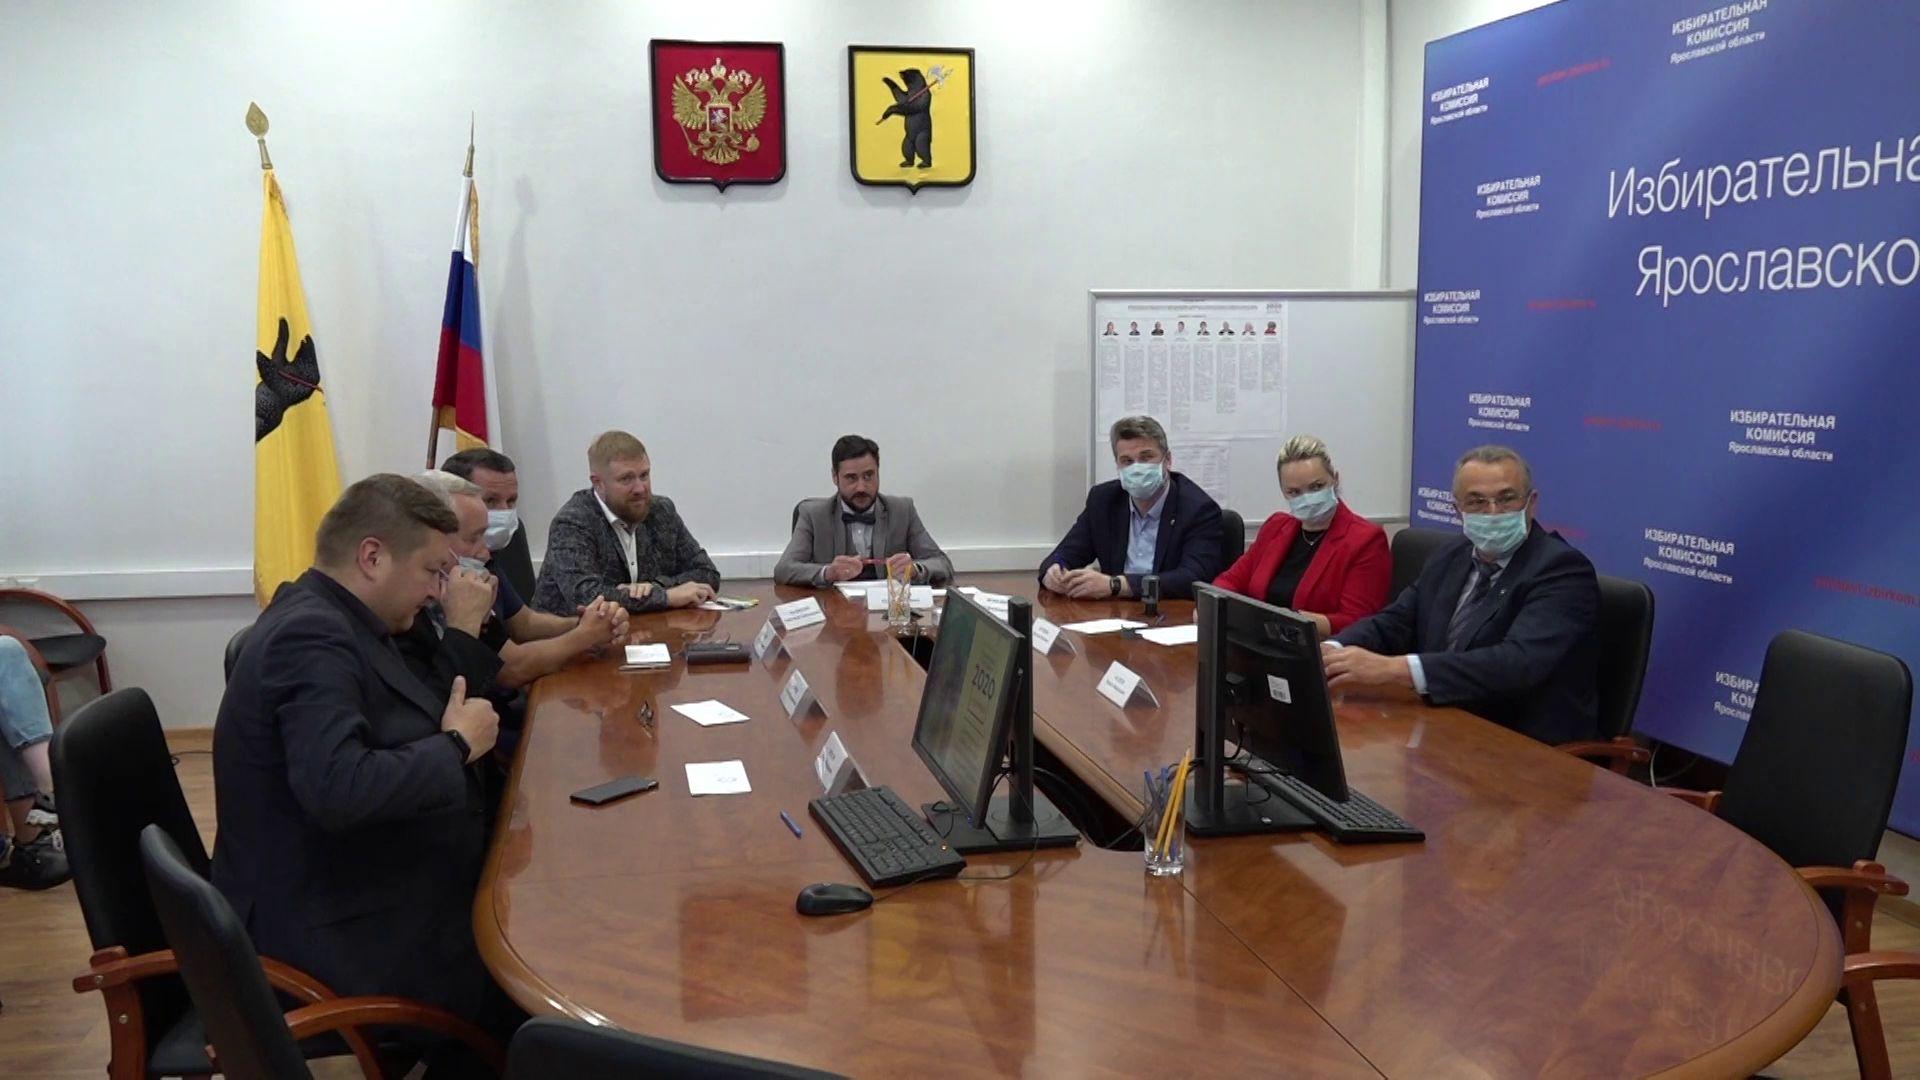 В Ярославле прошла репетиция предстоящего дистанционного электронного голосования